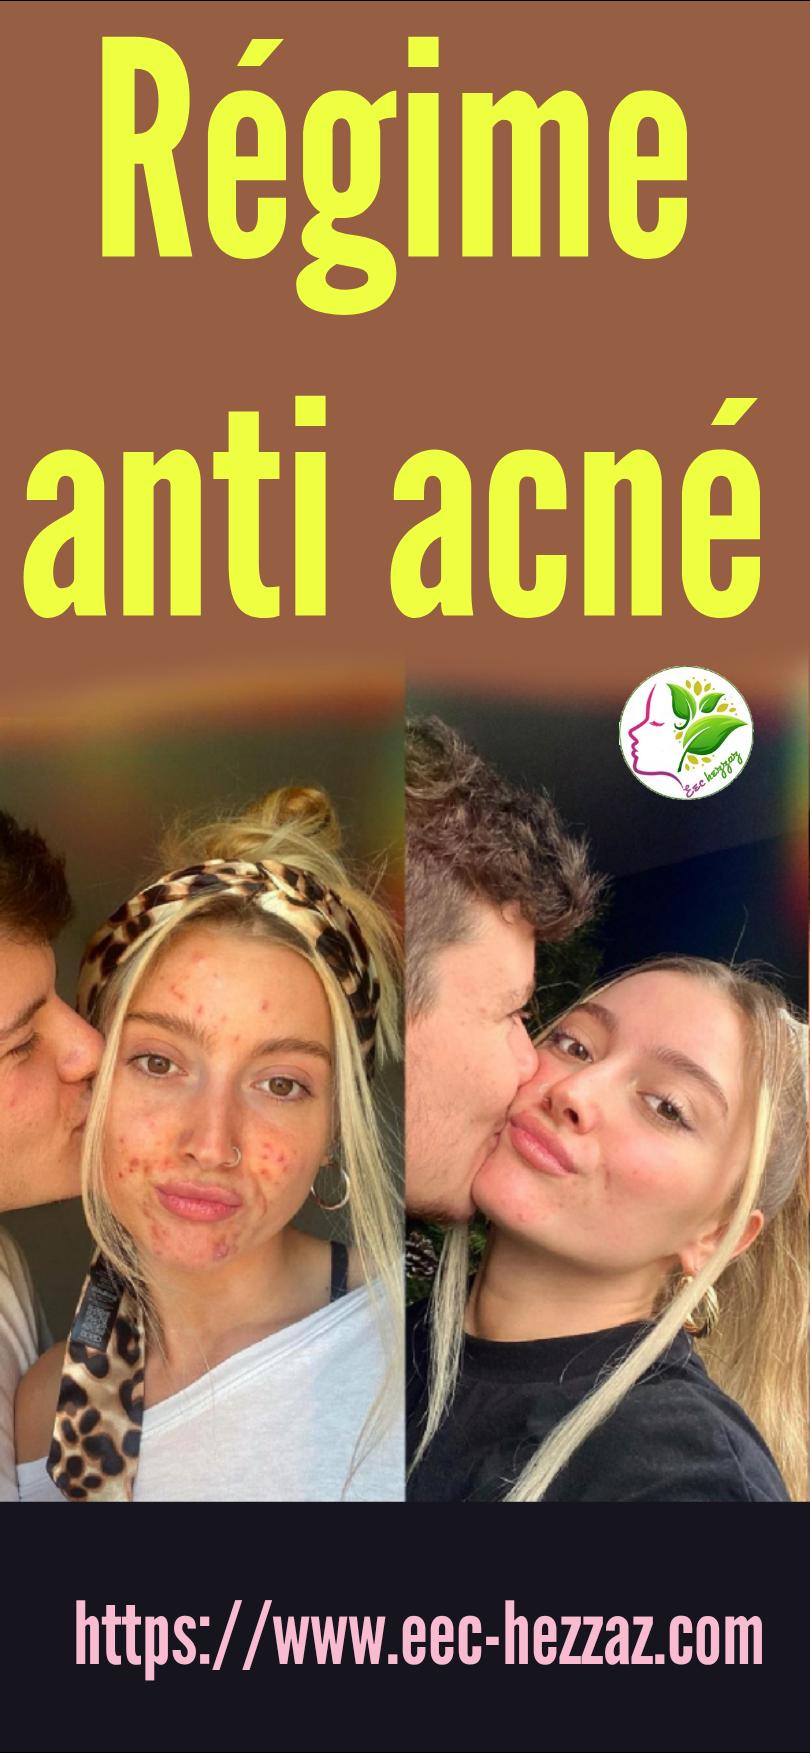 Régime anti acné